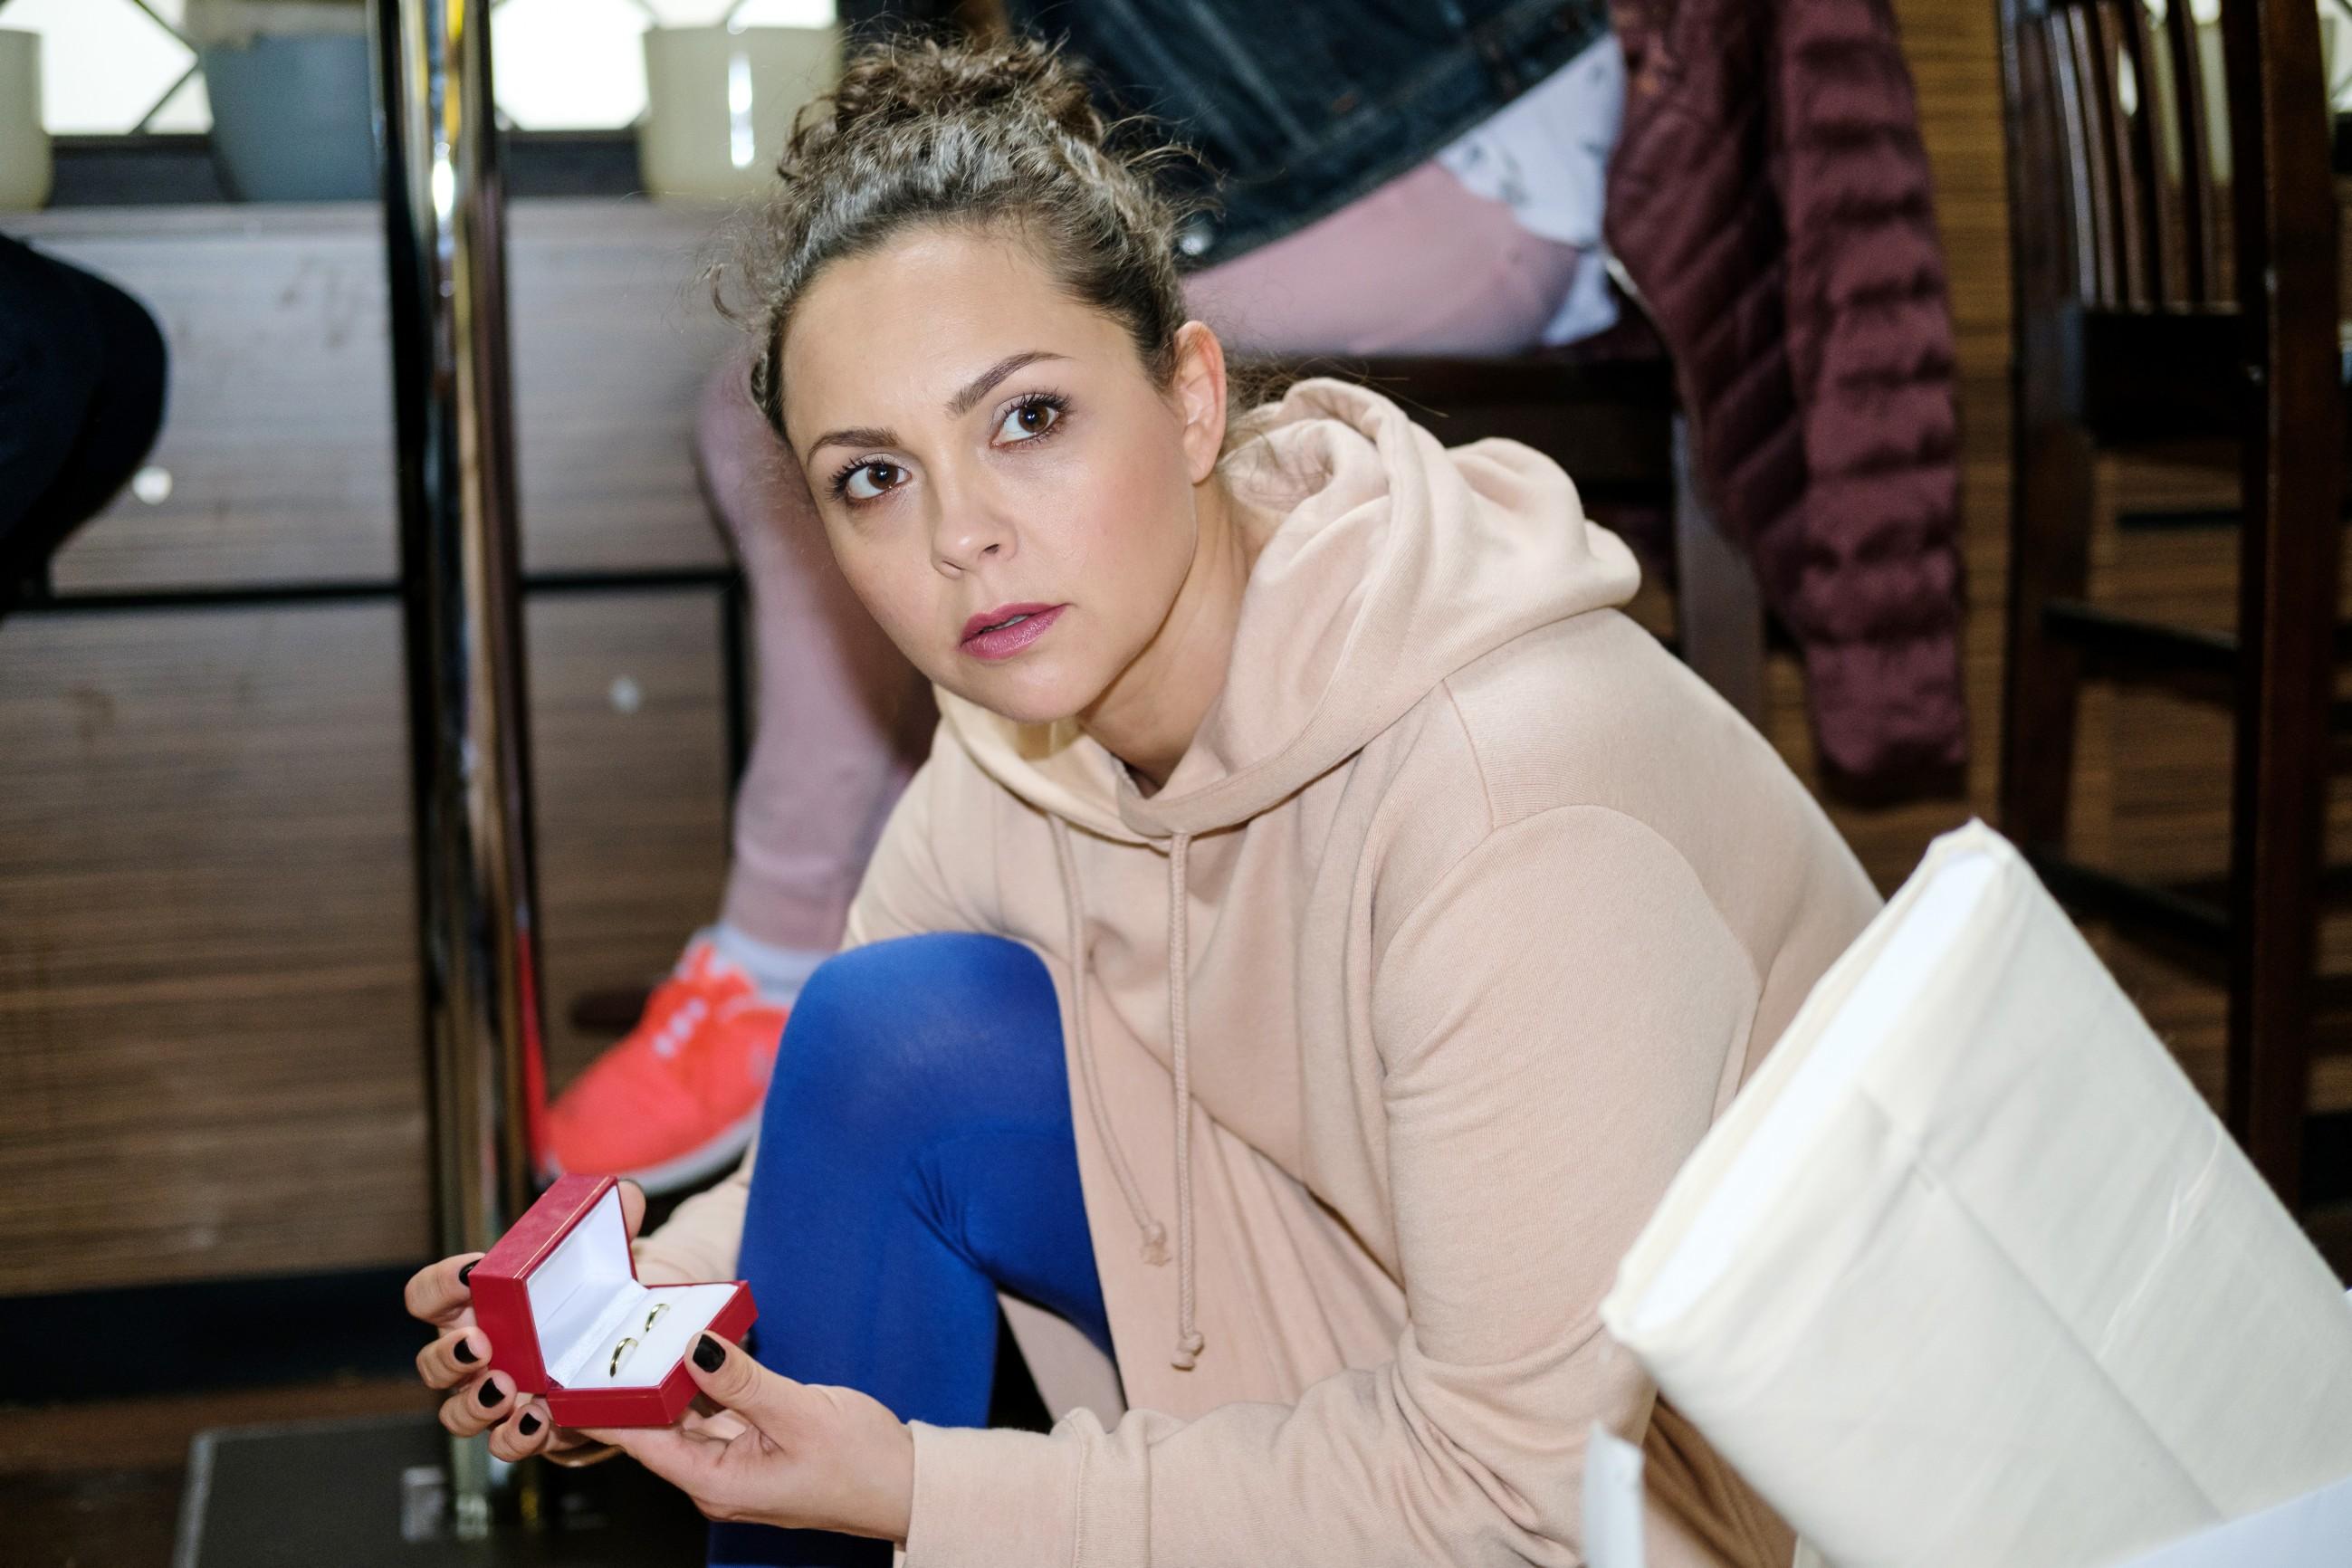 Als Caro (Ines Kurenbach) Trauringe in Maltes Jacke findet, glaubt sie überrumpelt, dass Malte ihr einen Heiratsantrag machen will. (Quelle: RTL / Stefan Behrens)